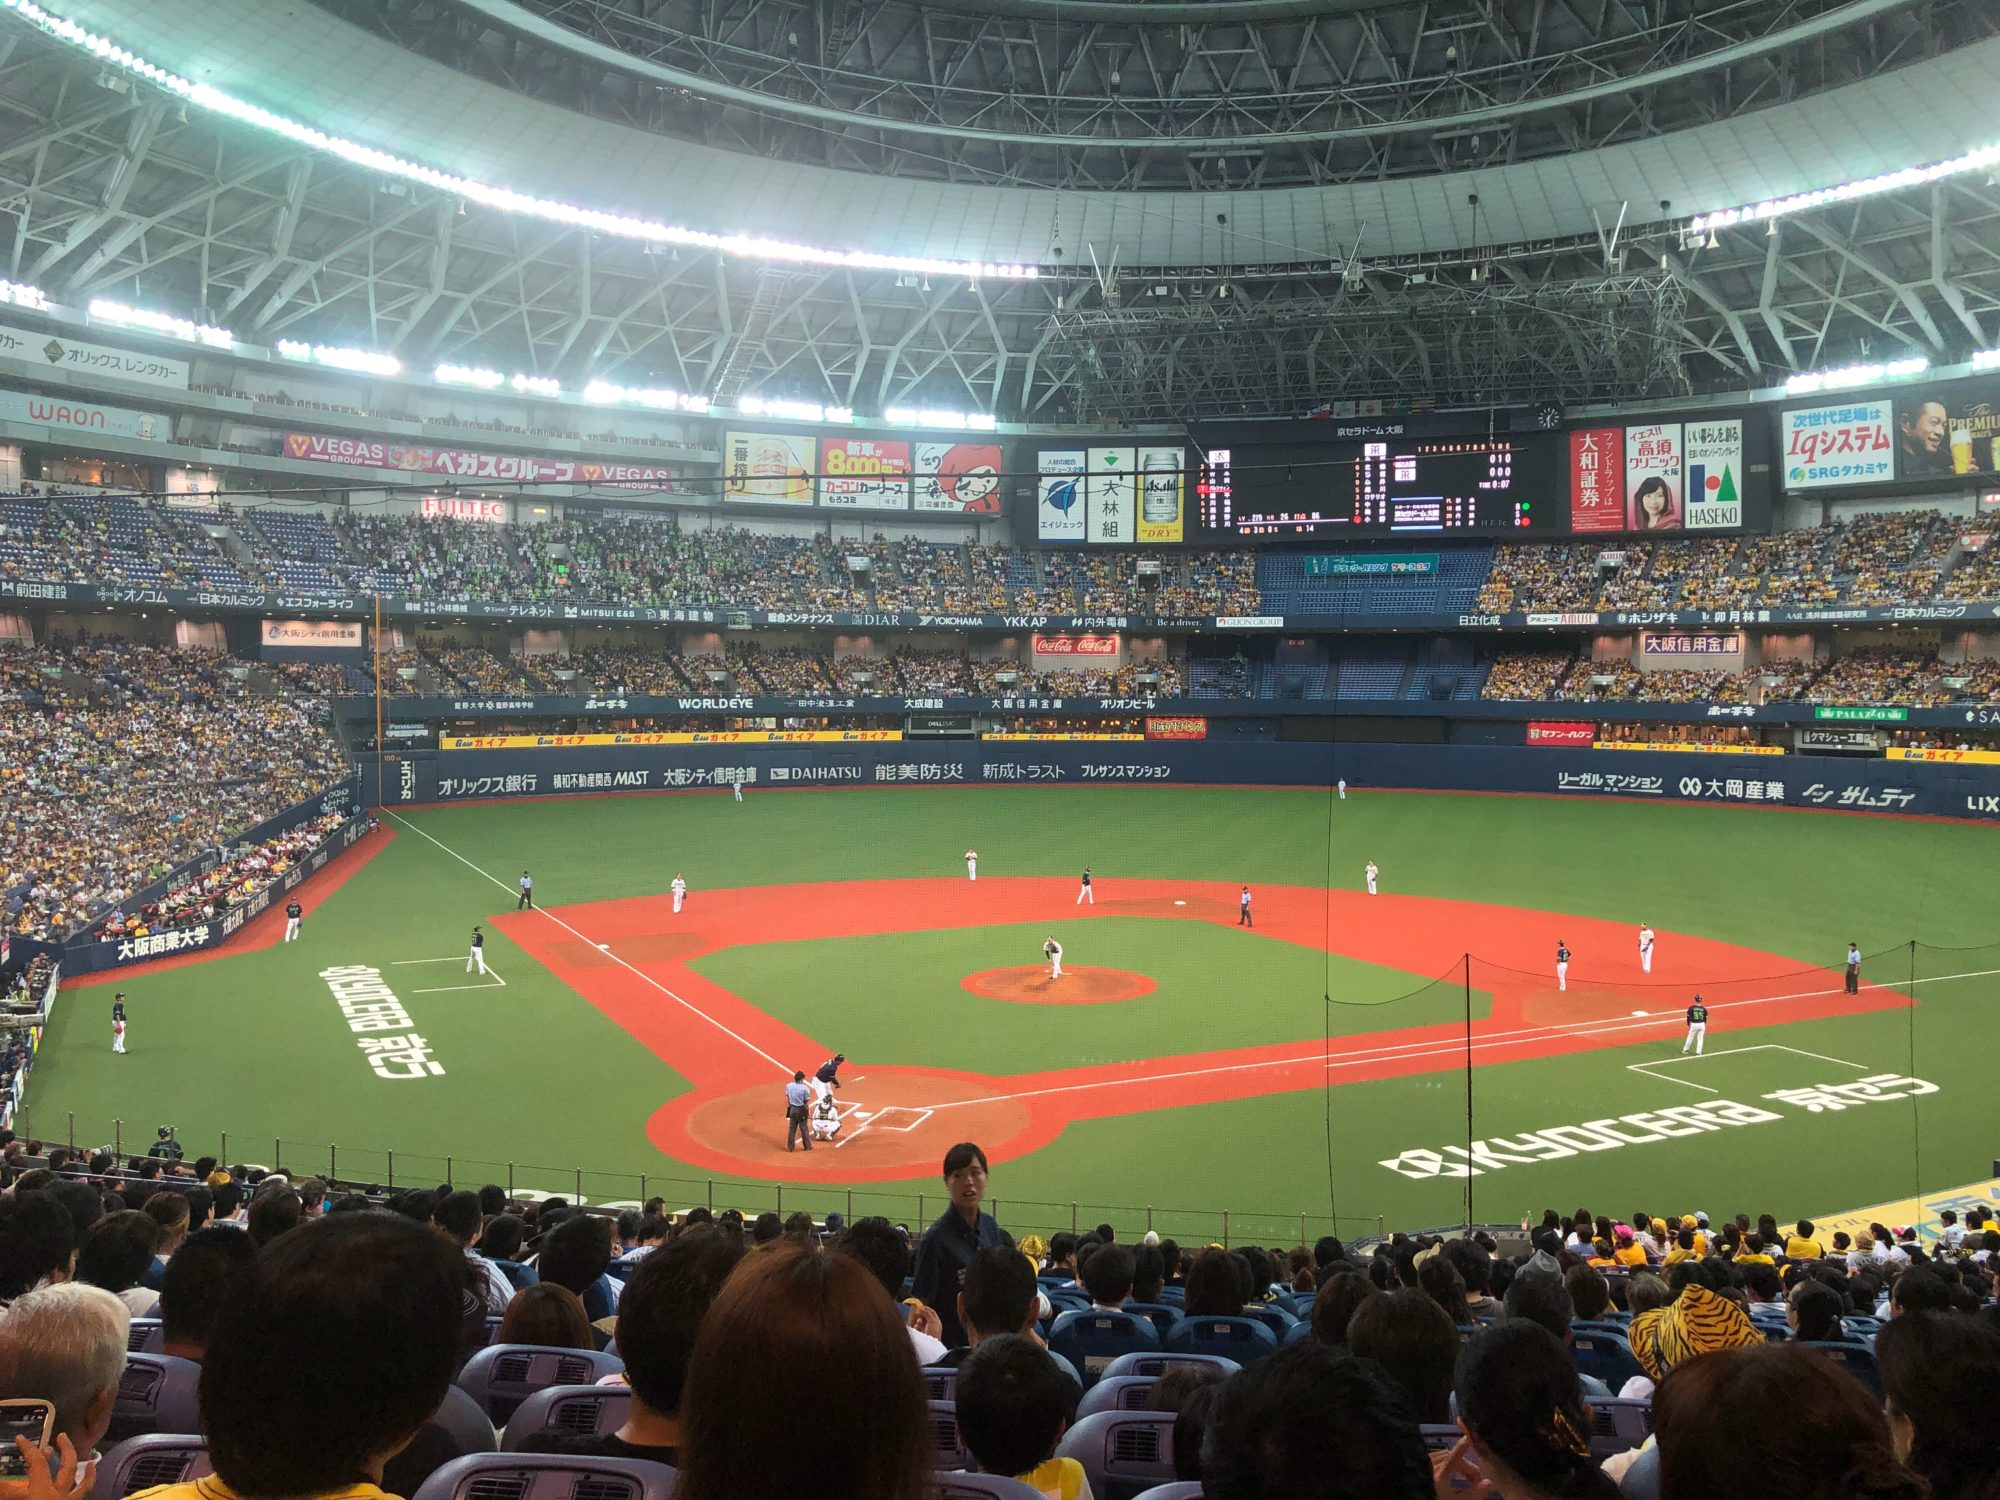 京セラドーム バックネット裏で阪神×ヤクルト戦を満喫する